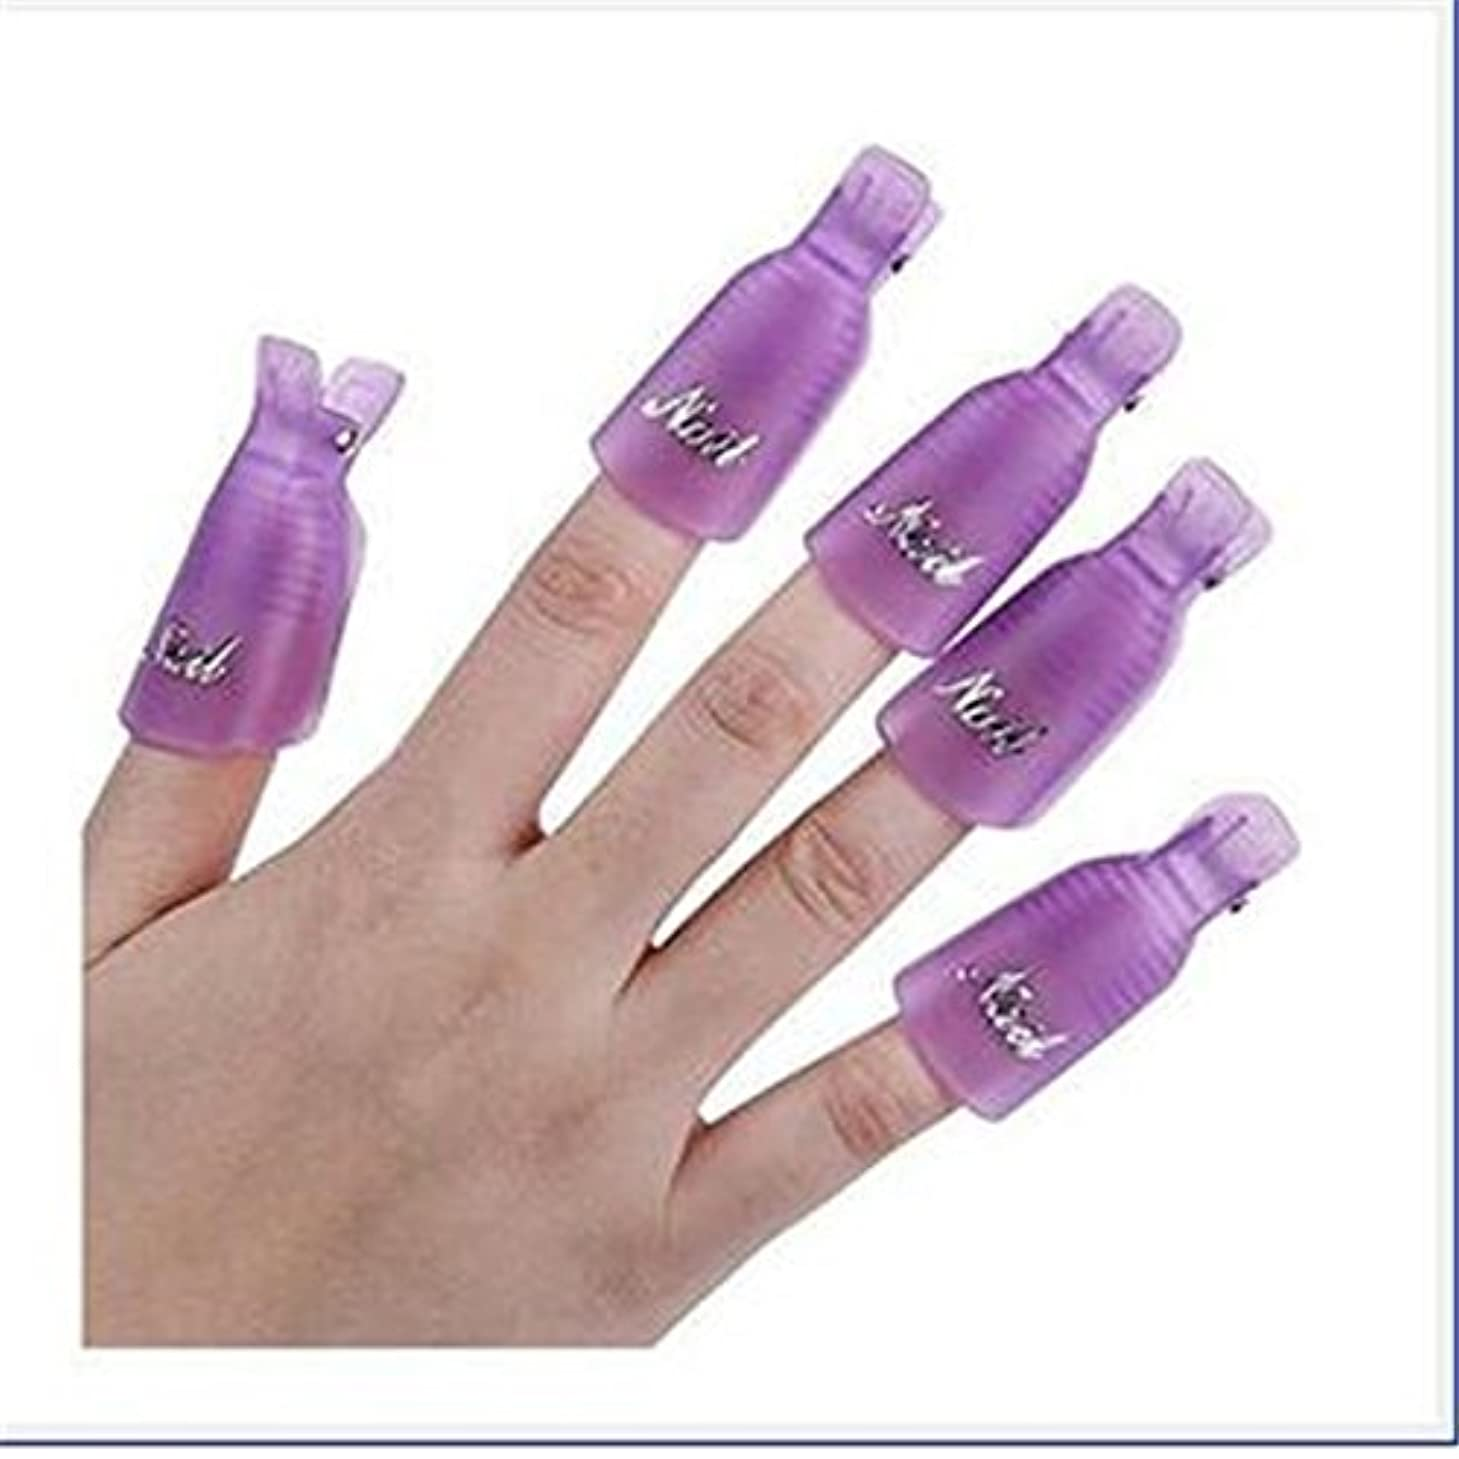 ペチュランス評価可能床を掃除するアクリル樹脂爪10が冷却され、取り外し可能なクリップキャップUVポリッシュリムーバージェルは、紫色のパッケージを包ん